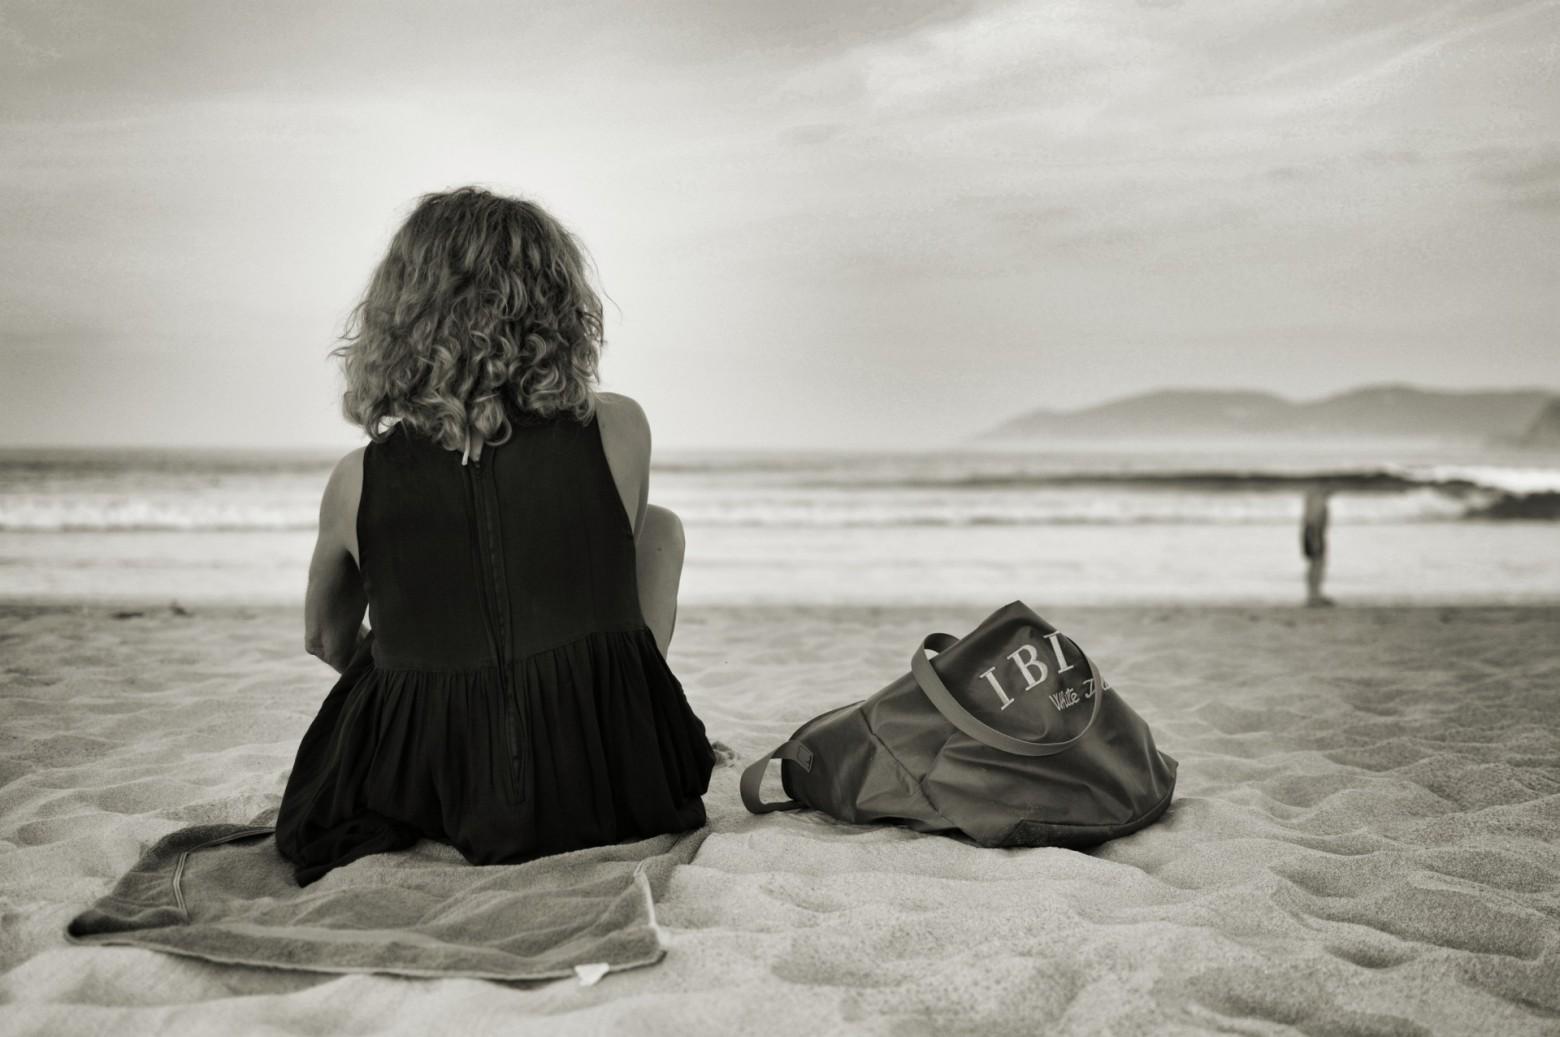 femme assise sur le sable au bord de la plage